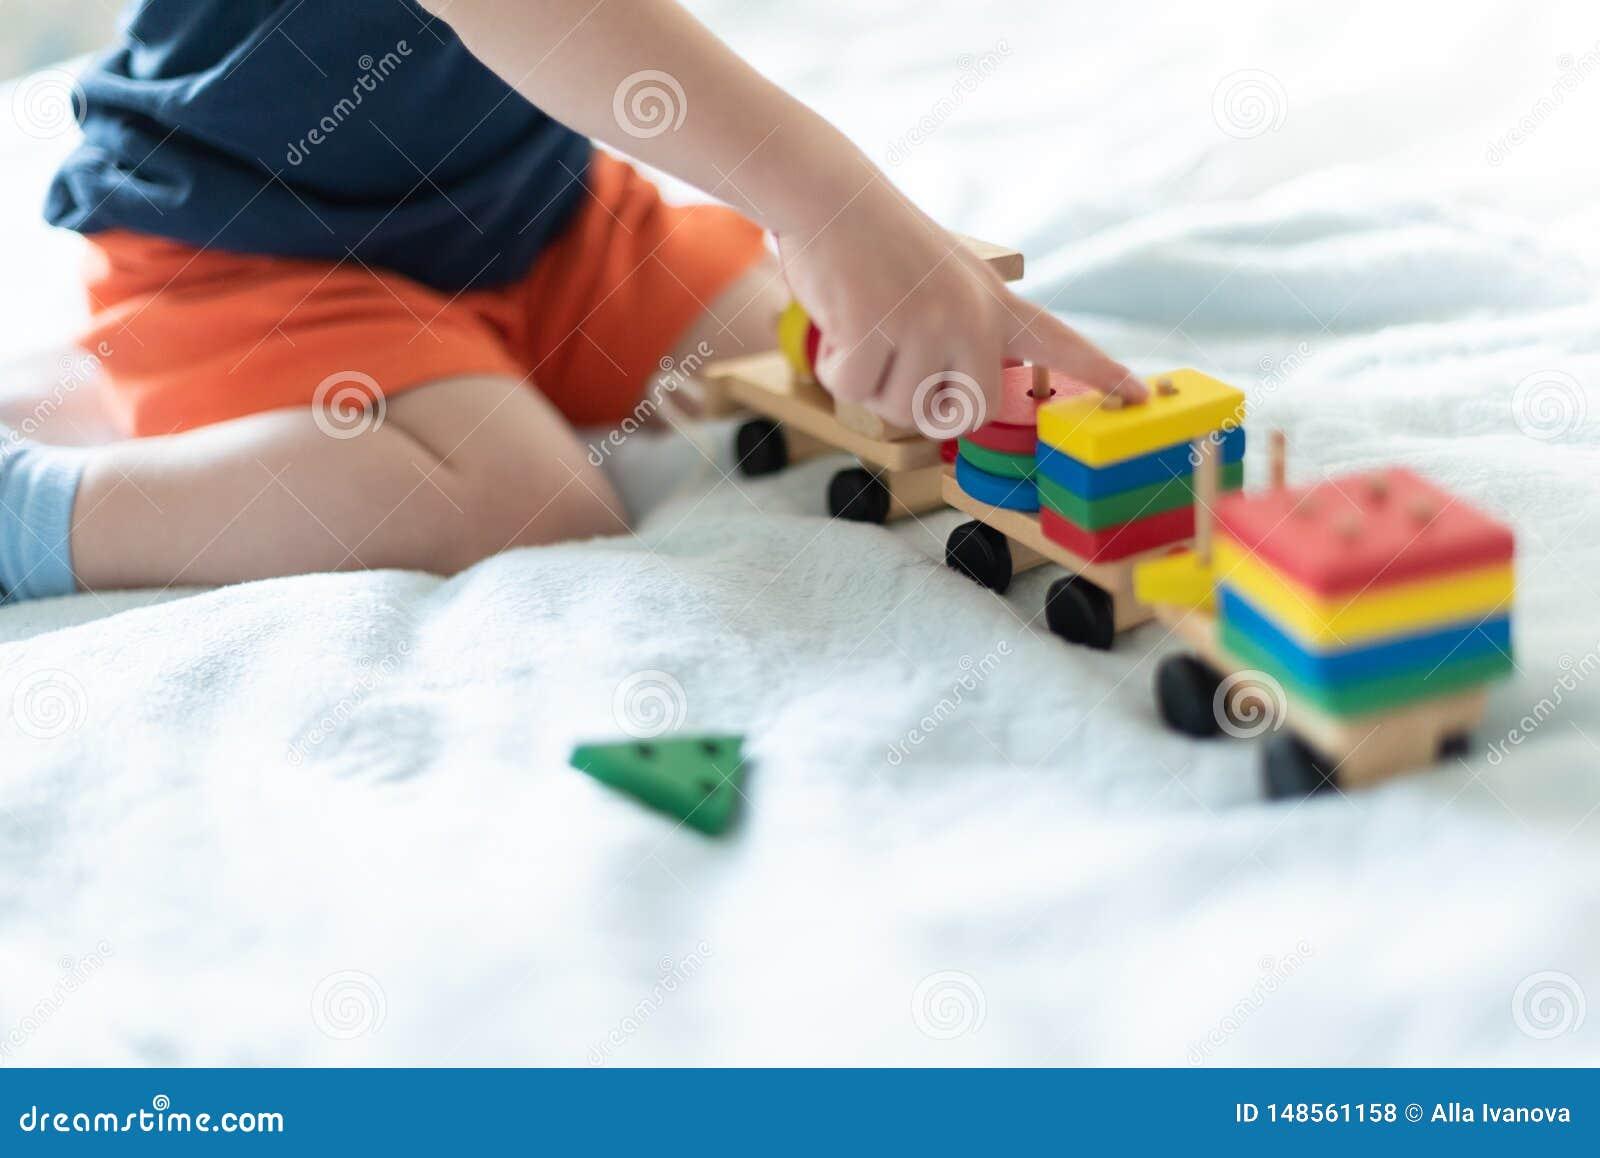 Crescere e concetto di svago dei bambini Un bambino che gioca con un treno di legno colorato Il bambino costruisce il costruttore